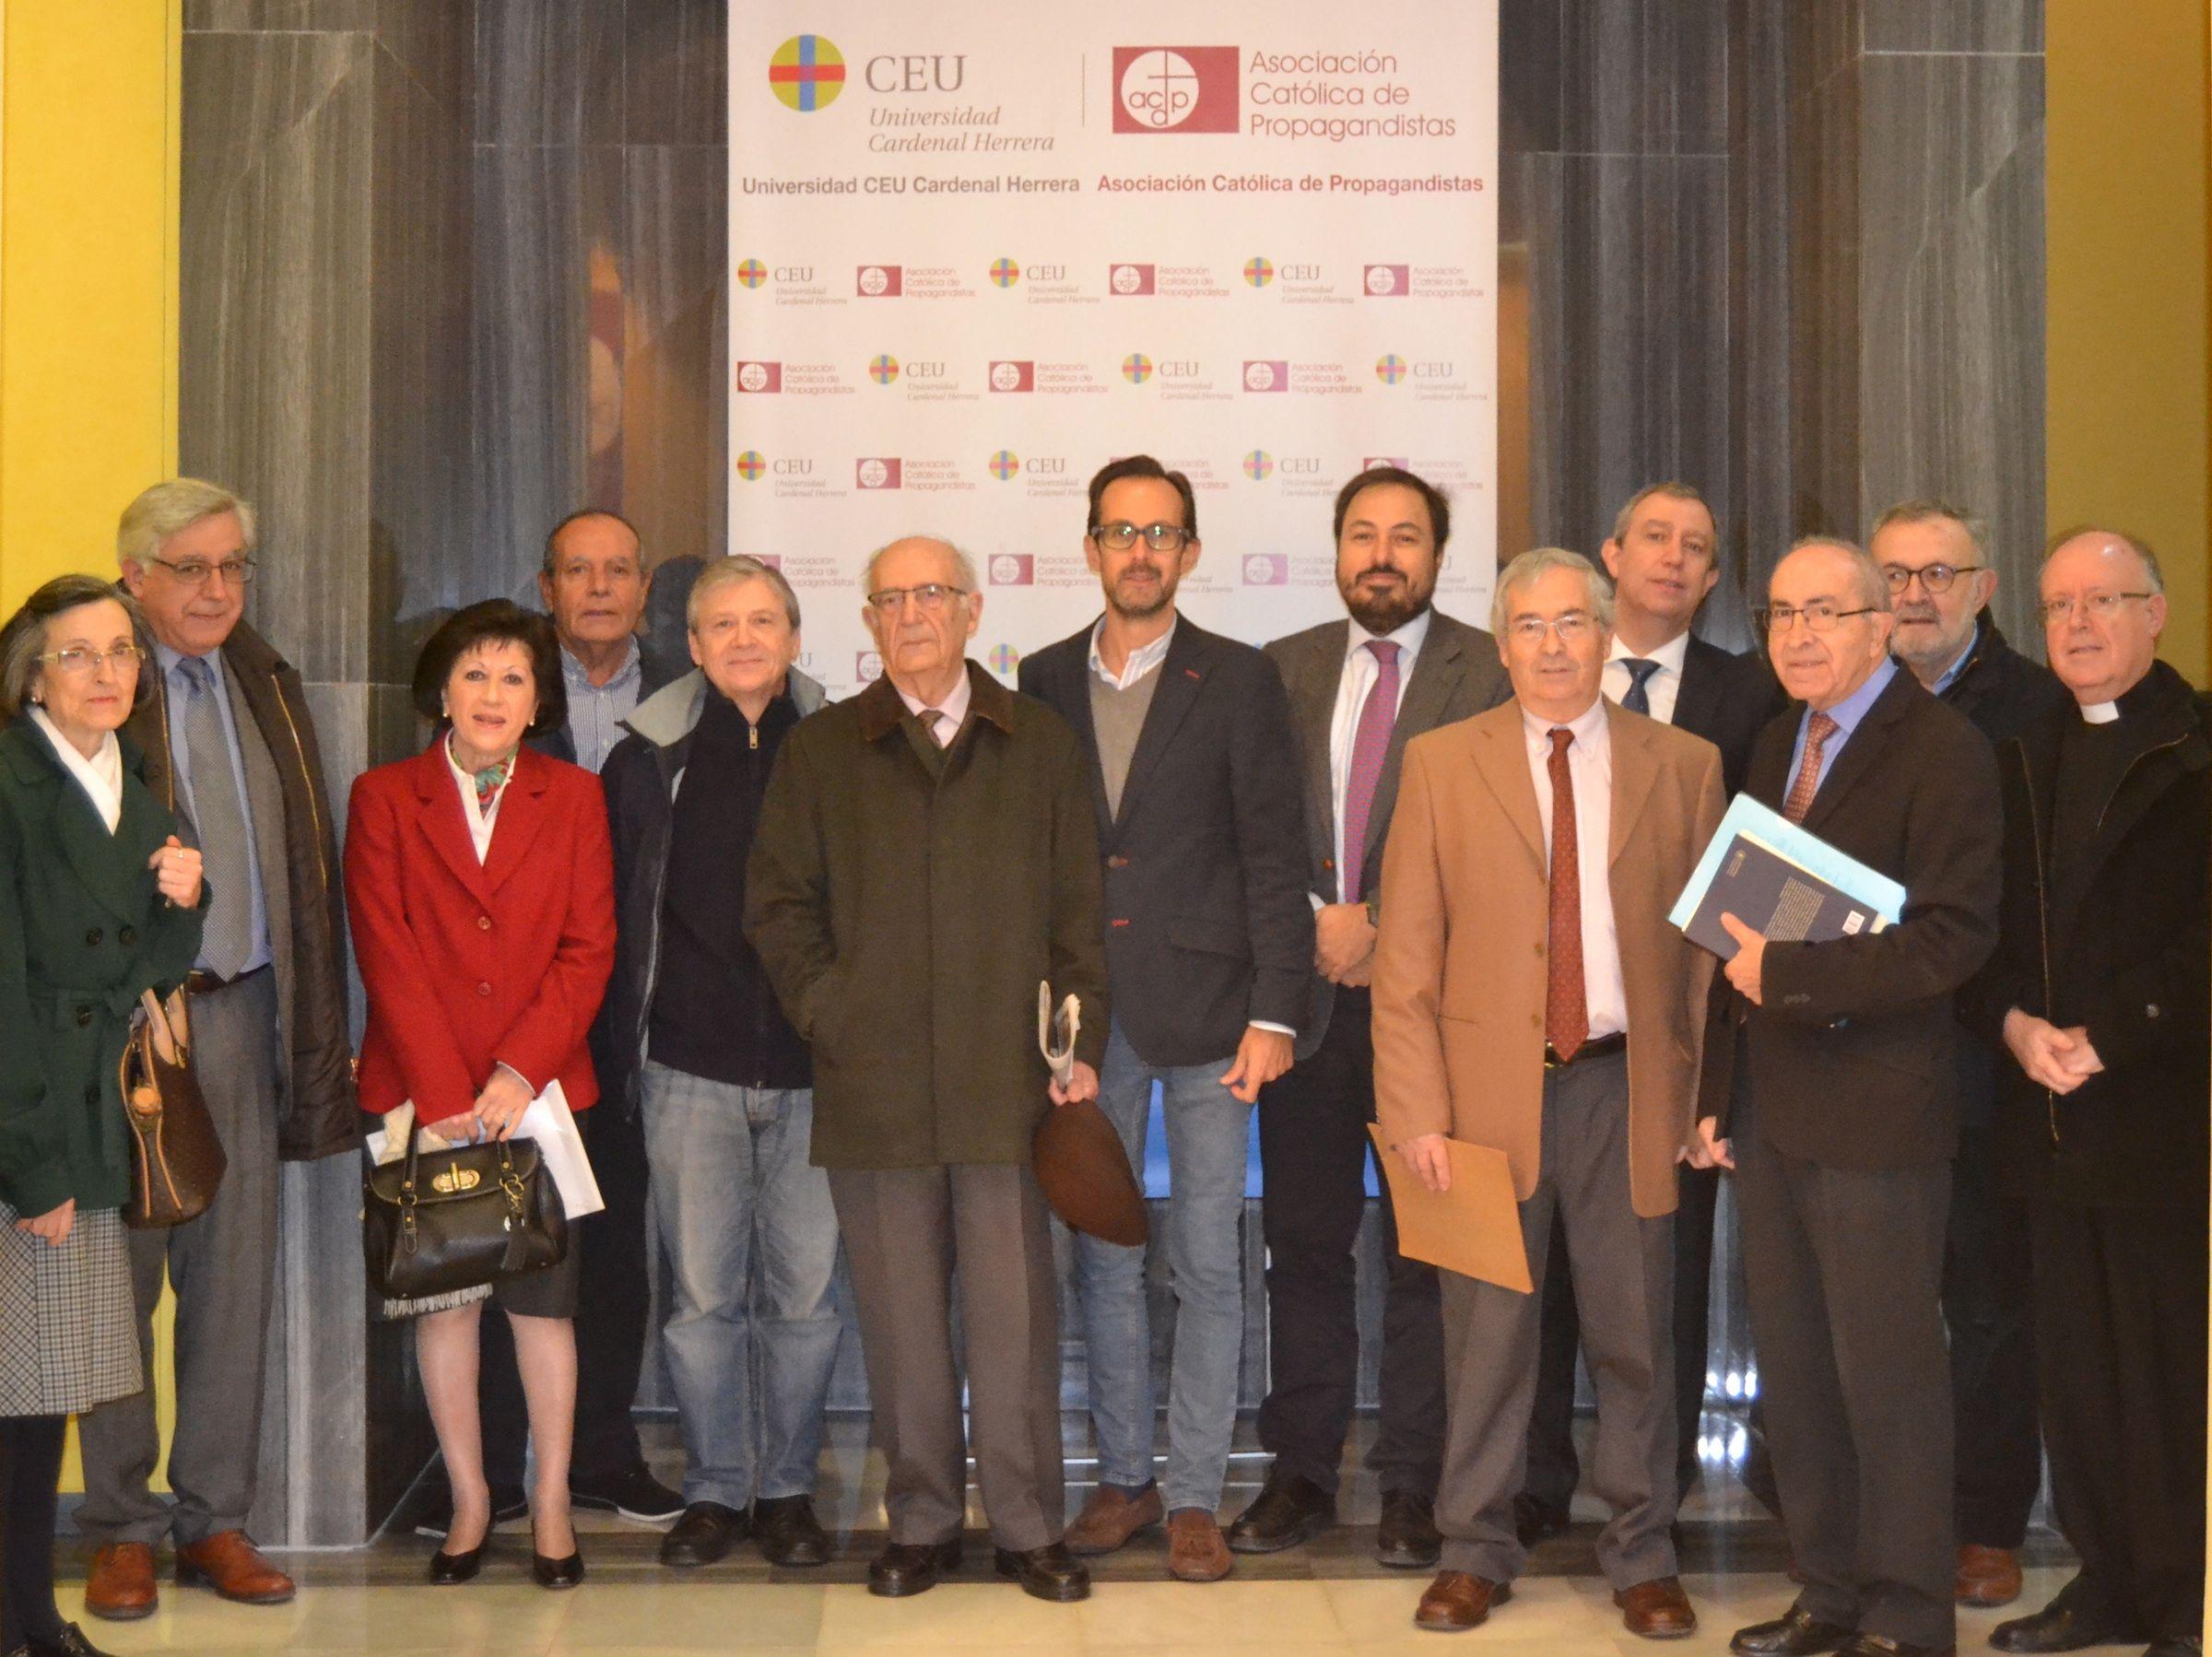 """En el centro, Emilio García Callado y el decano Elías Durán, junto a ponentes y organizadores de las Jornadas """"Res Ecclesiae""""."""